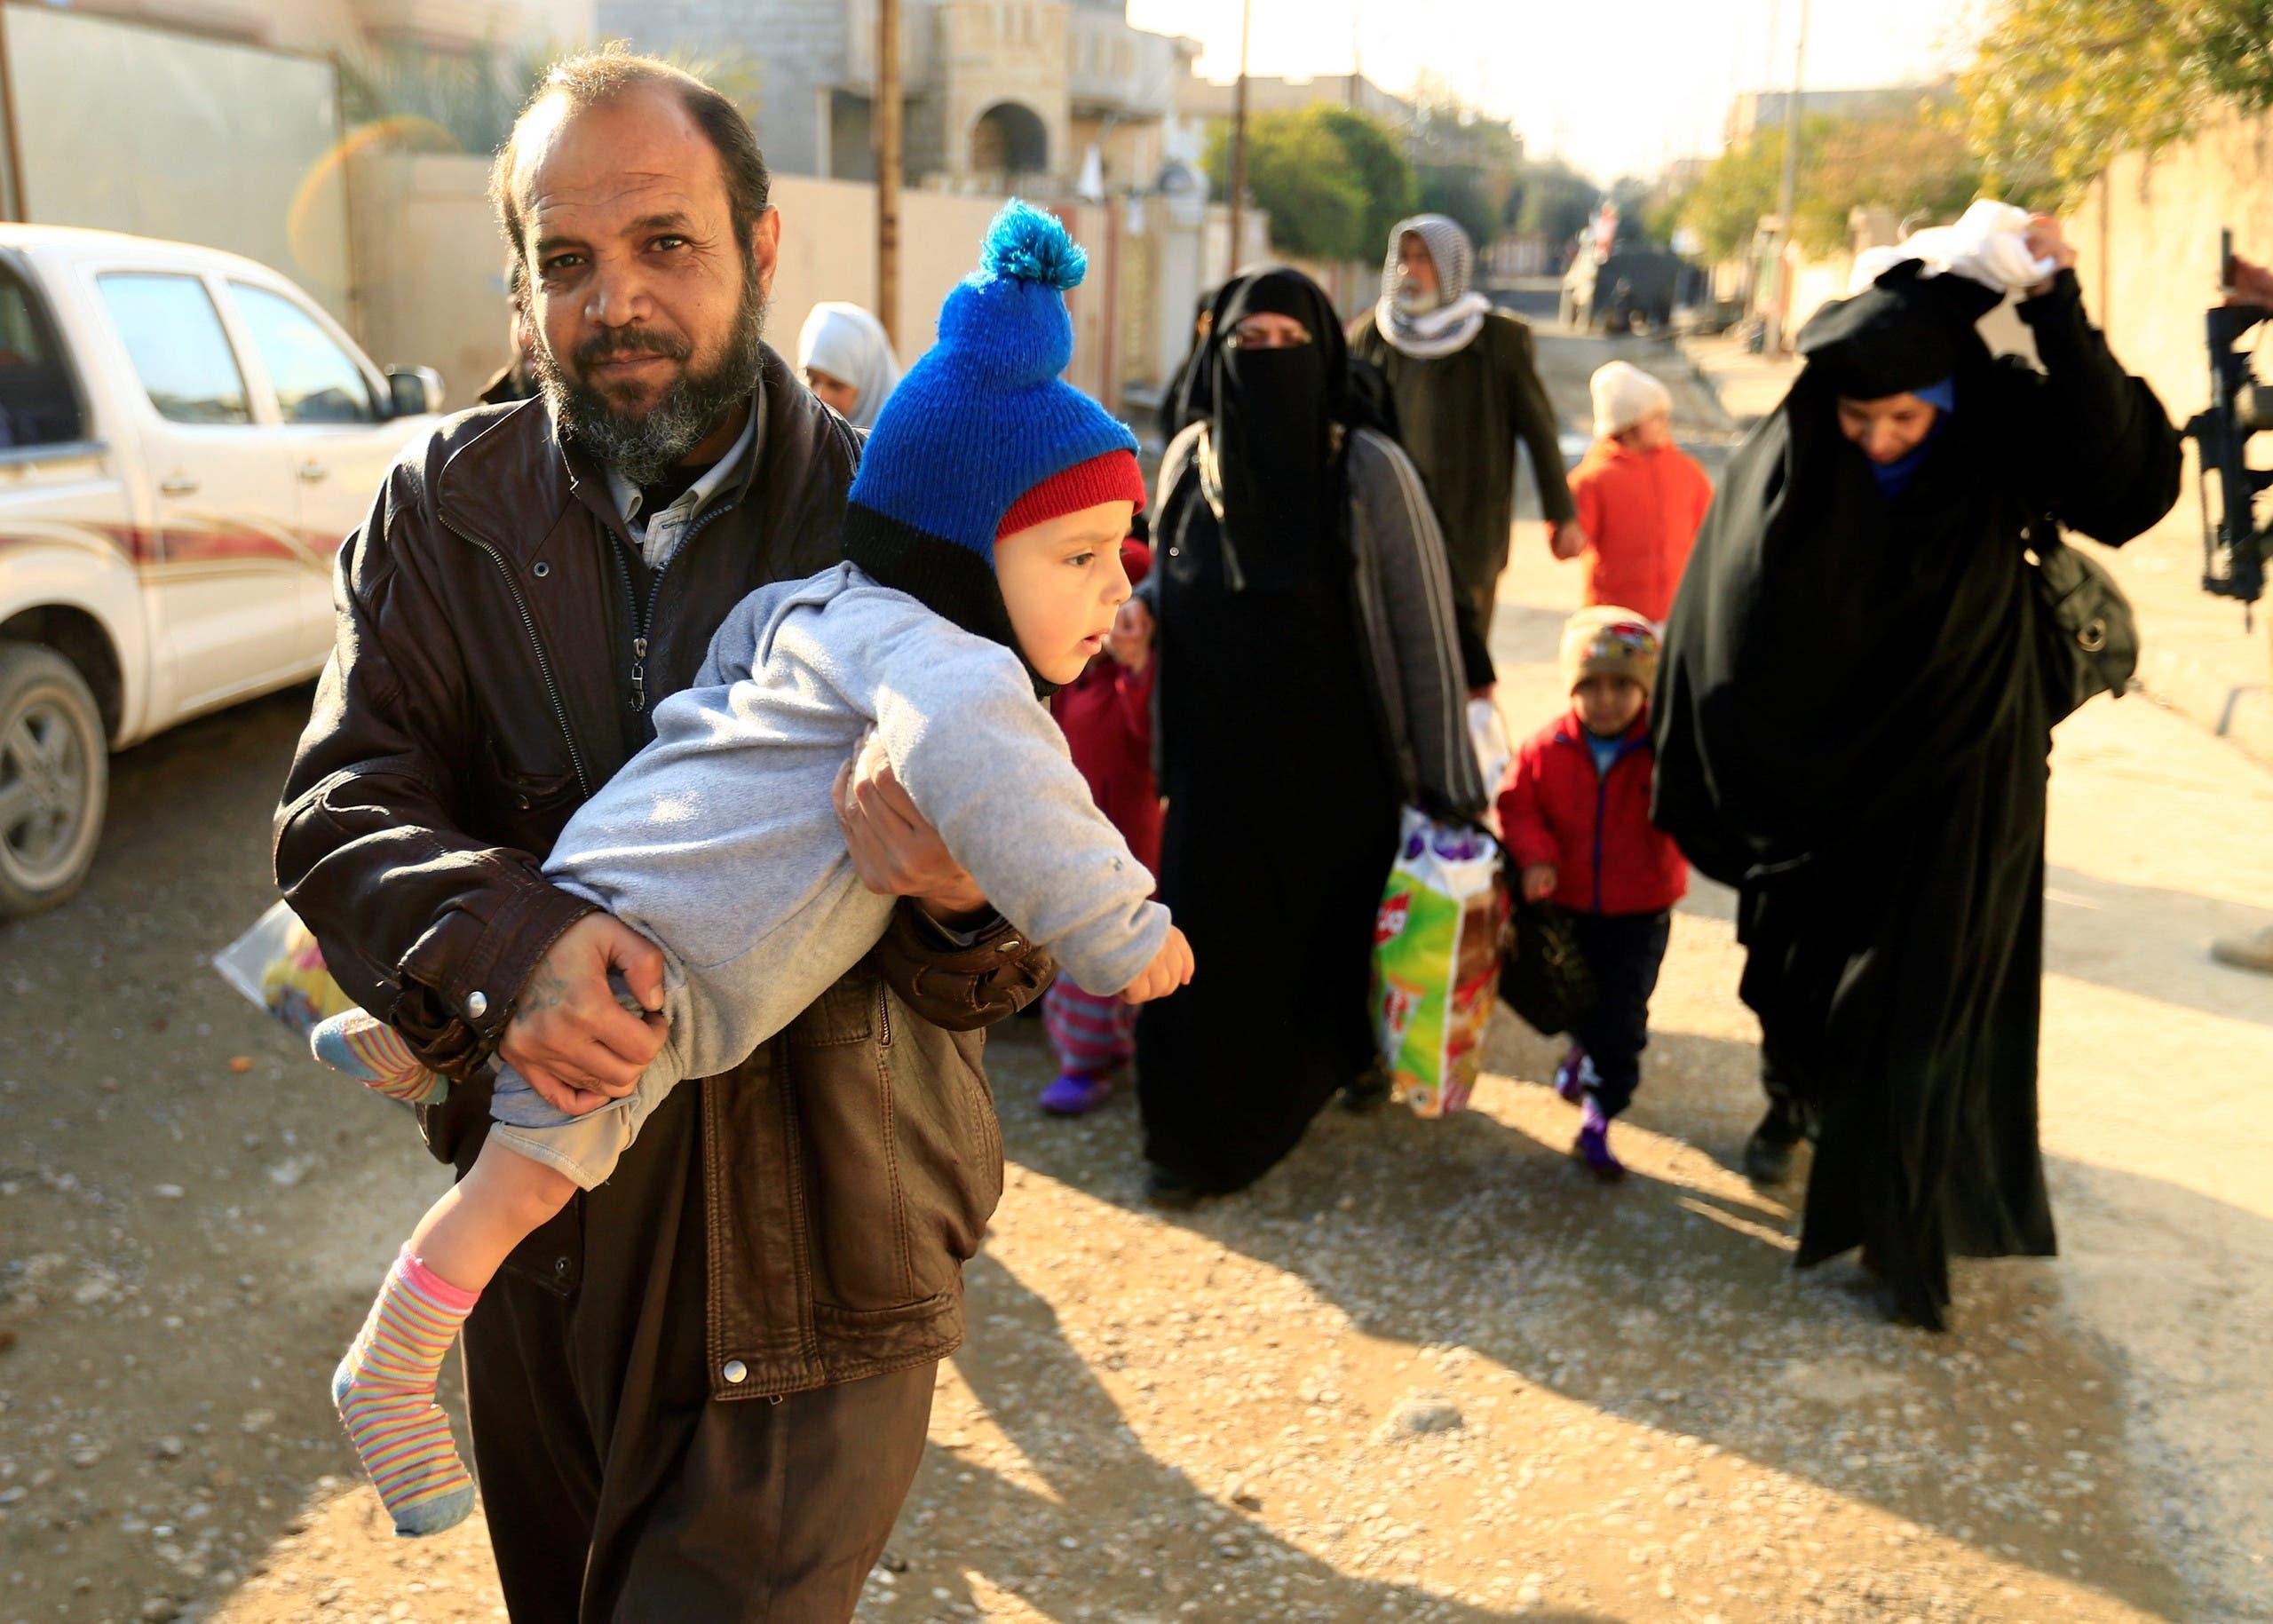 عائلات نزحت من مناطق سيطرة داعش في الموصل (أرشيفية)